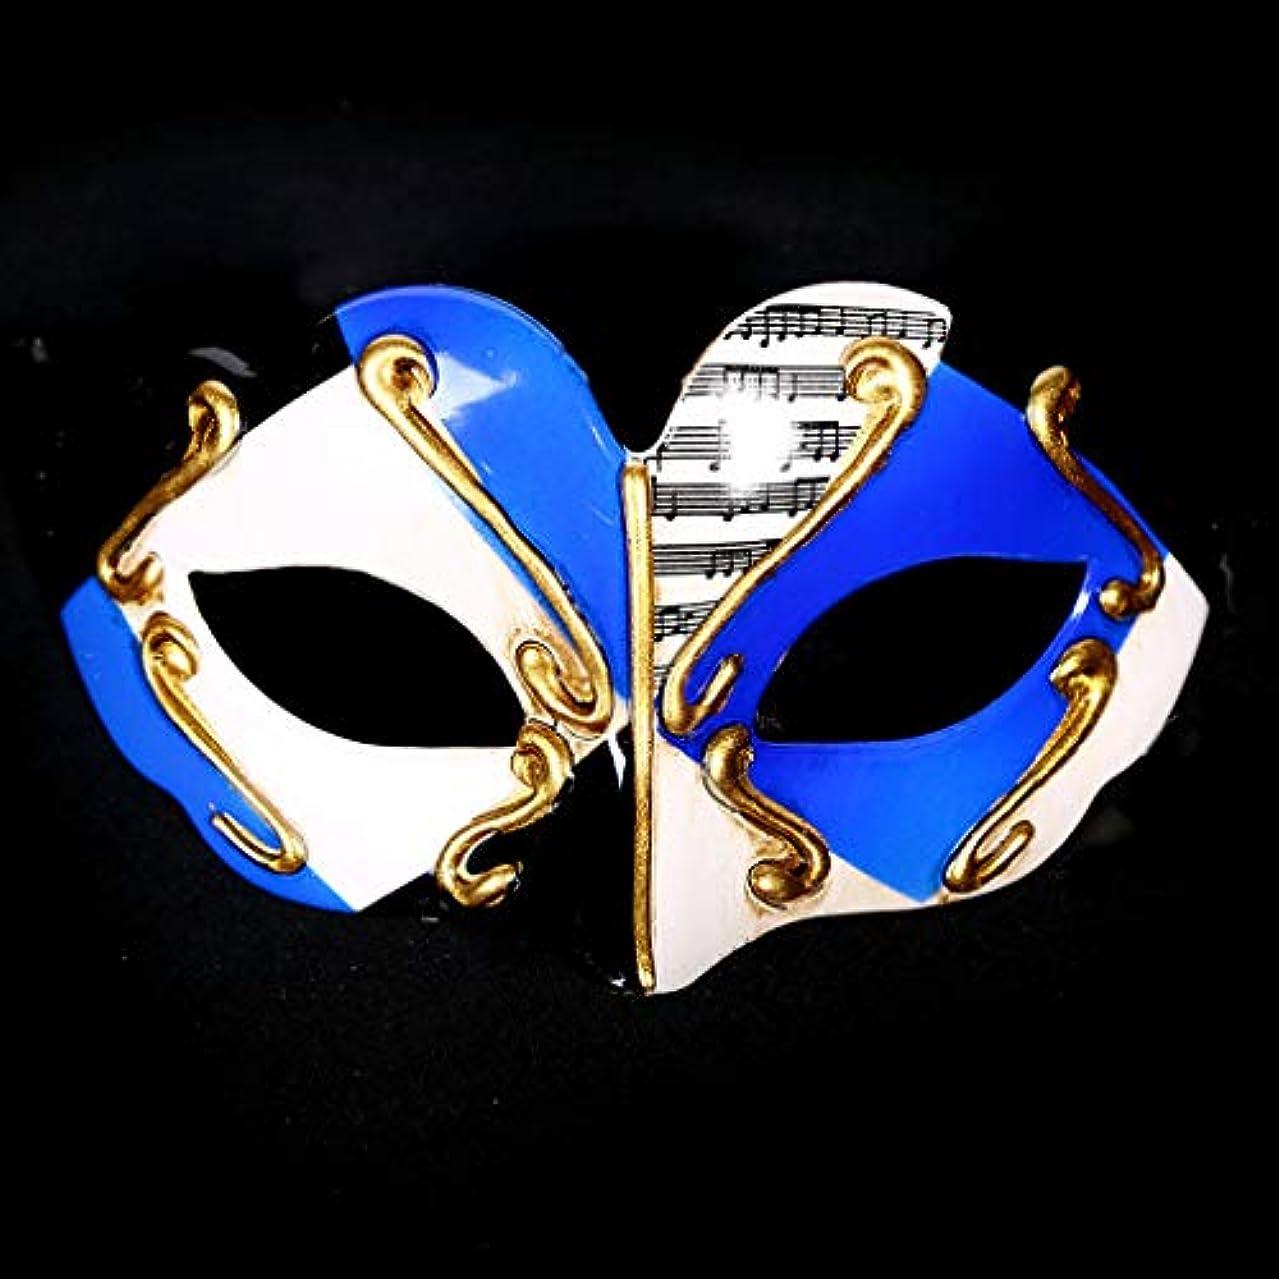 経済的カテゴリー戦士ハロウィンマスクヴェネツィア仮装ハーフフェイスプラスチック子供アダルトマスクコスチュームプロップ (Color : BLUE)